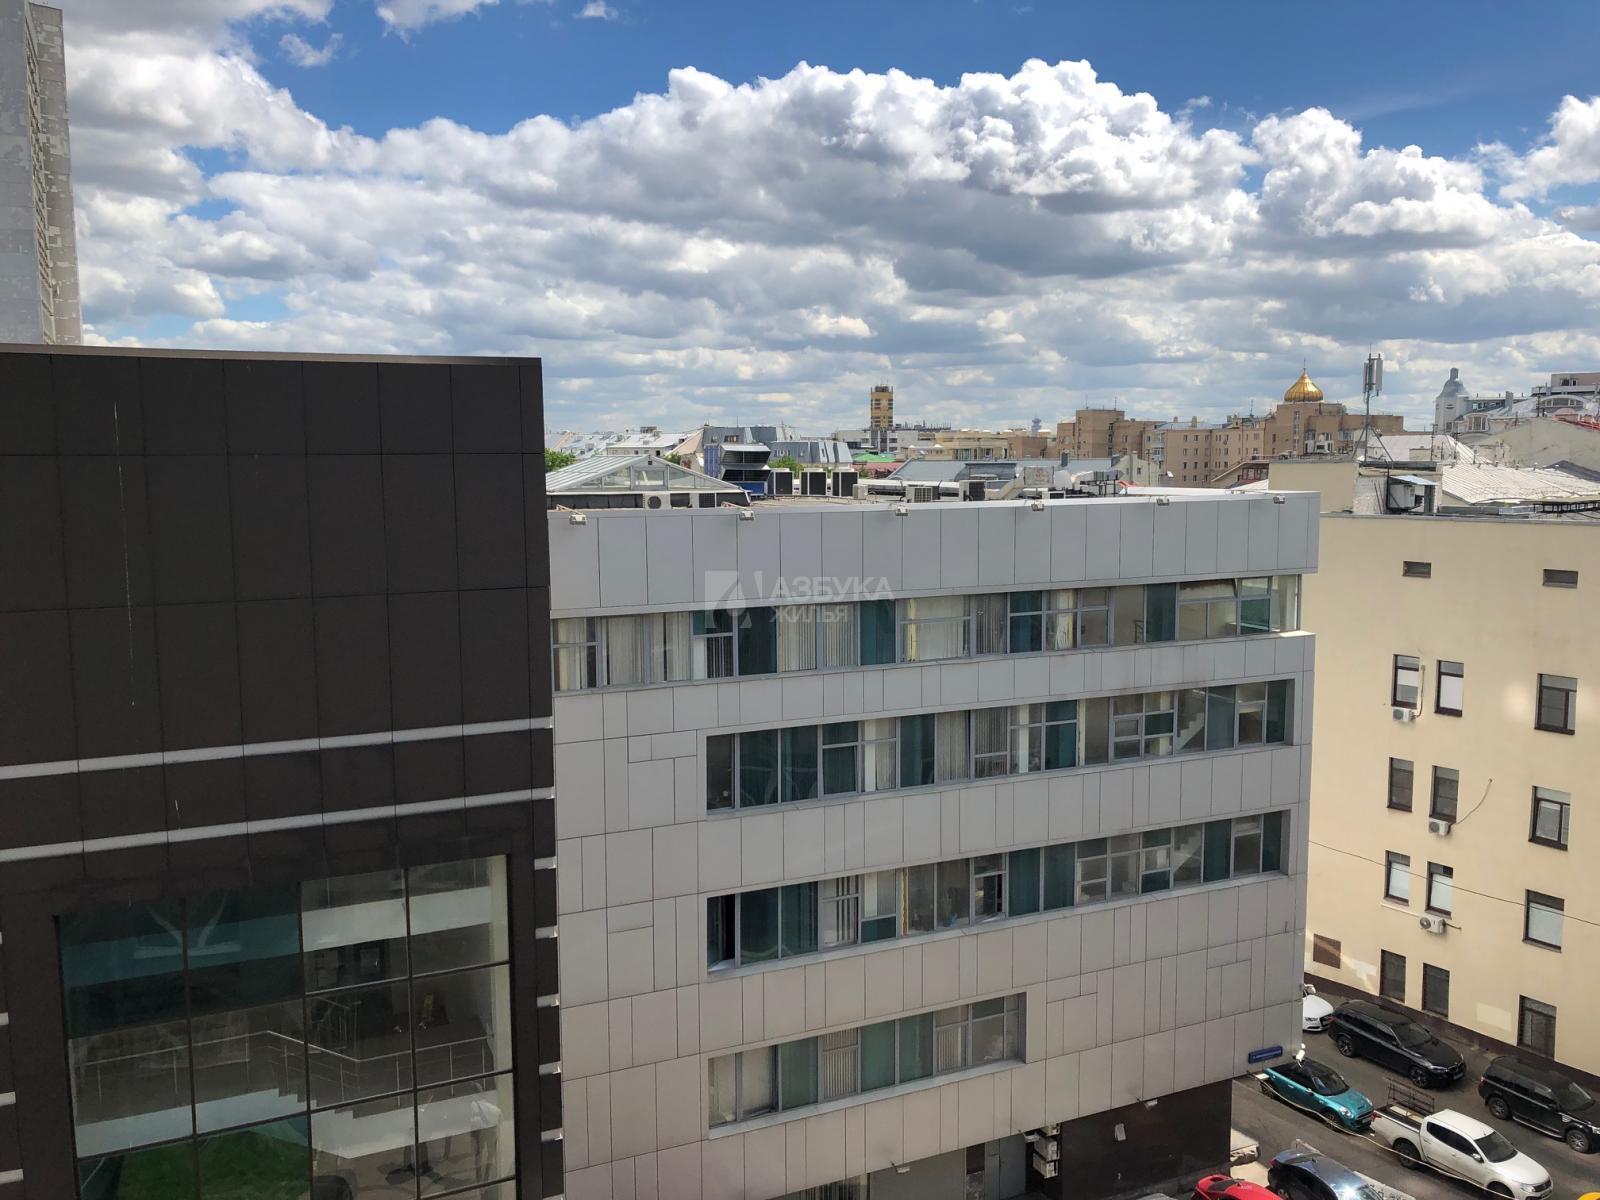 Фото №7 - 7-комнатная квартира, Москва, Николопесковский М. переулок 11 корпус 2 строение 1, метро Смоленская